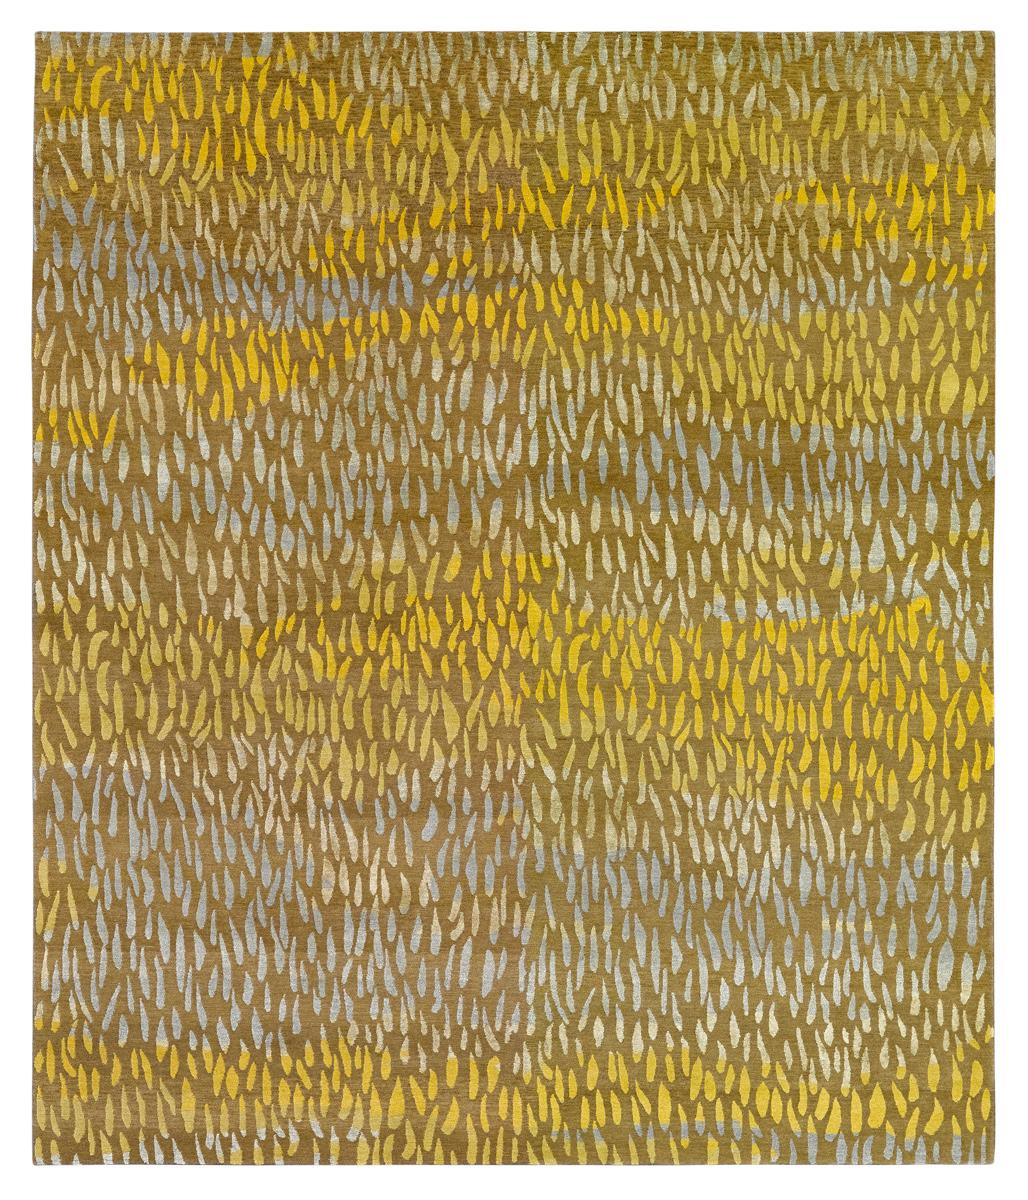 th_Papageno_yellow.jpg